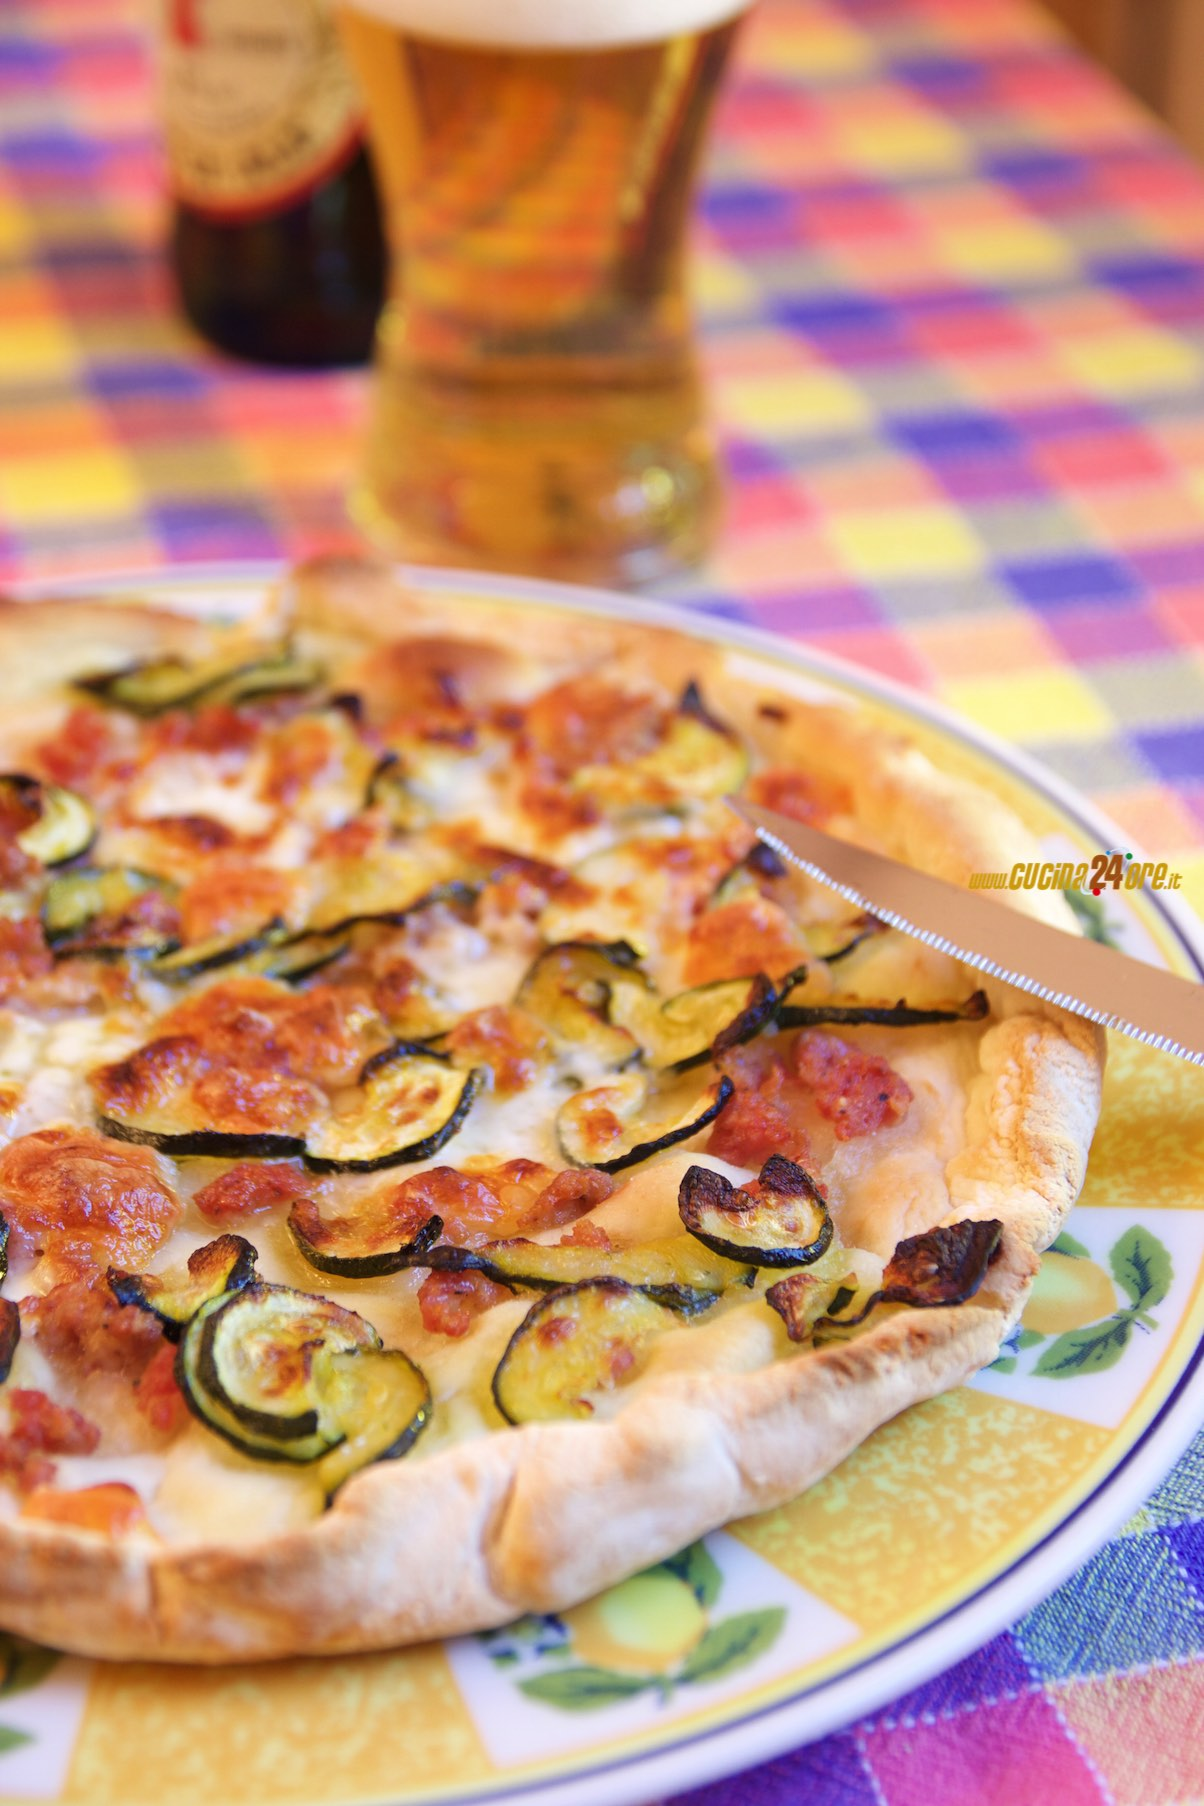 Pizza Senza Glutine Con Salsiccia Zucchine E Stracchino #A77624 1204 1806 Cucina Mediterranea Senza Glutine